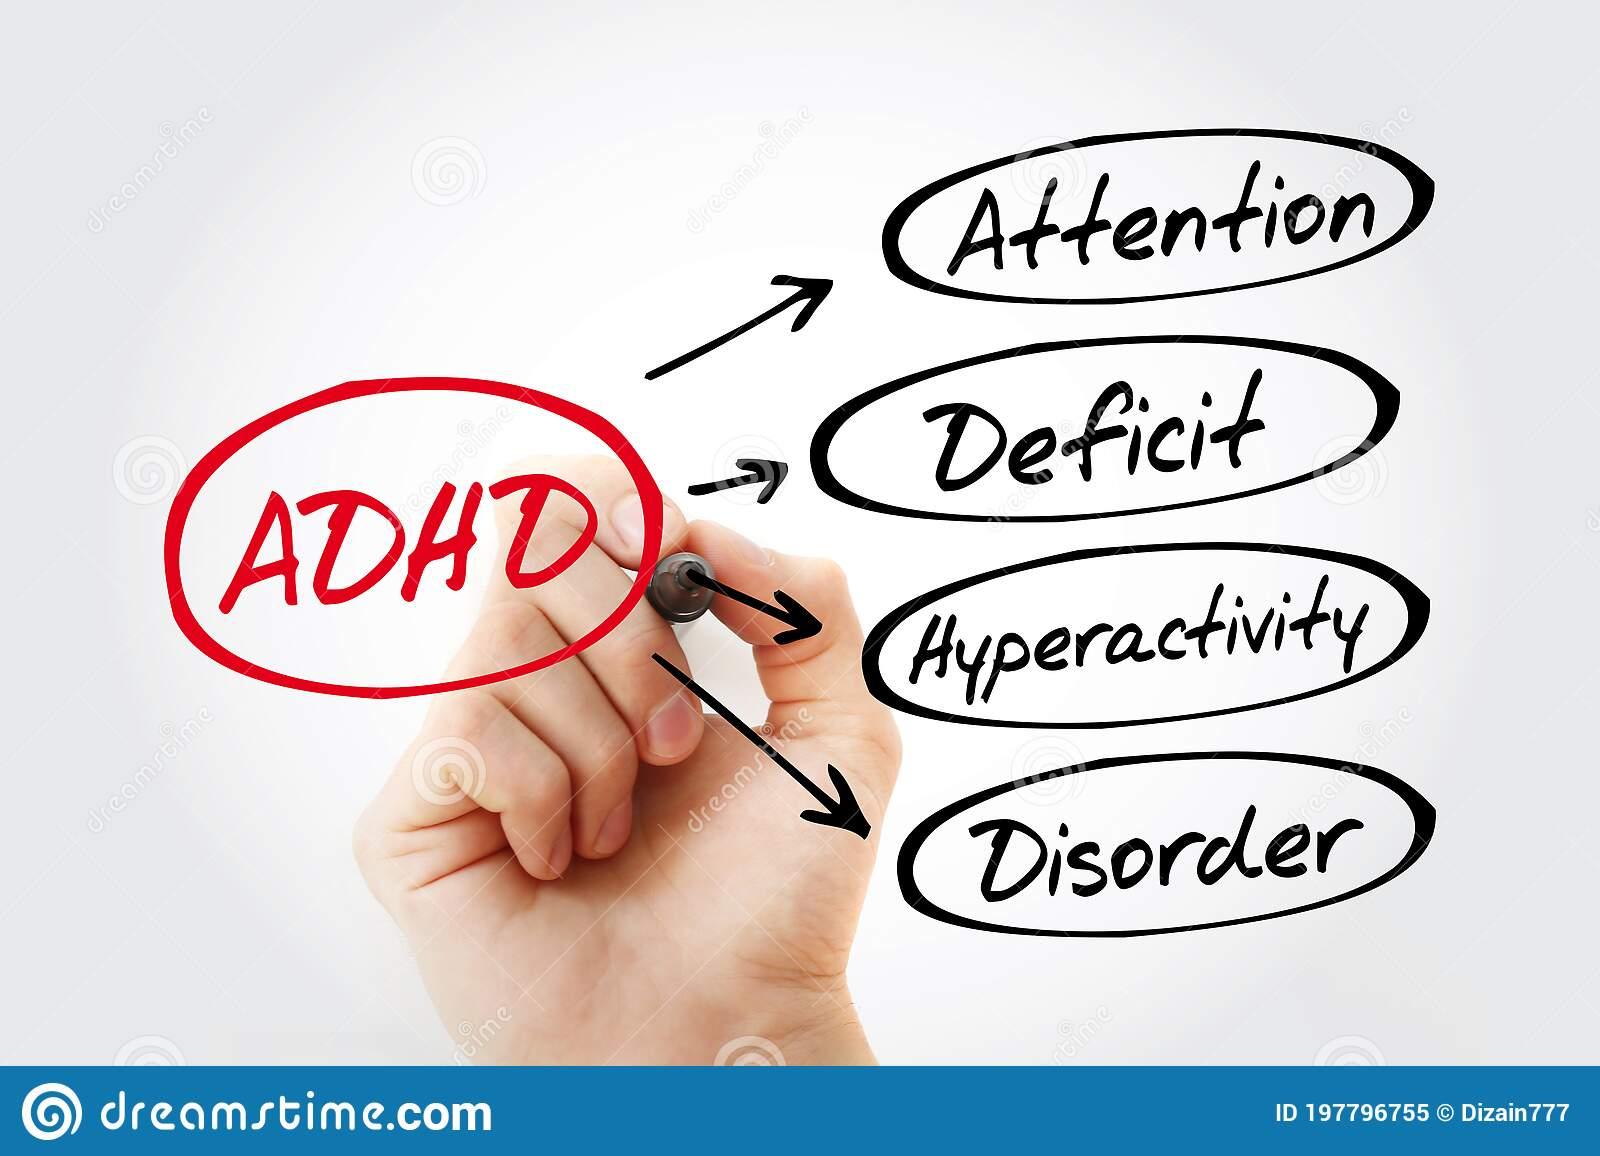 فرط الحركة وتشتت الانتباه ADHD